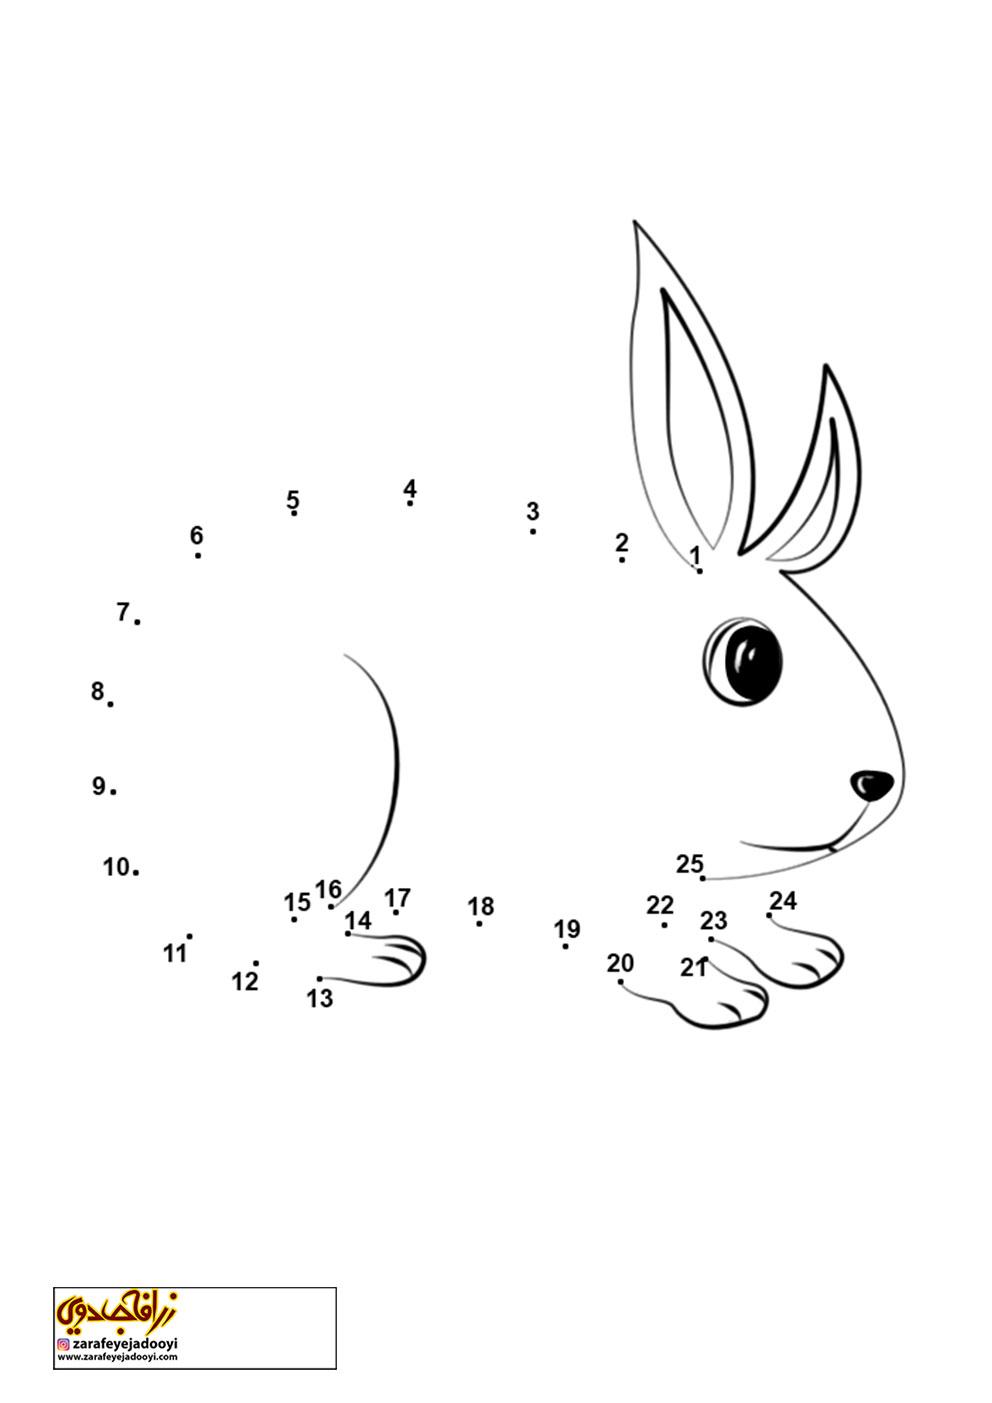 زرافه-جادویی-نقاشی-نقطه-به-نقطه-047